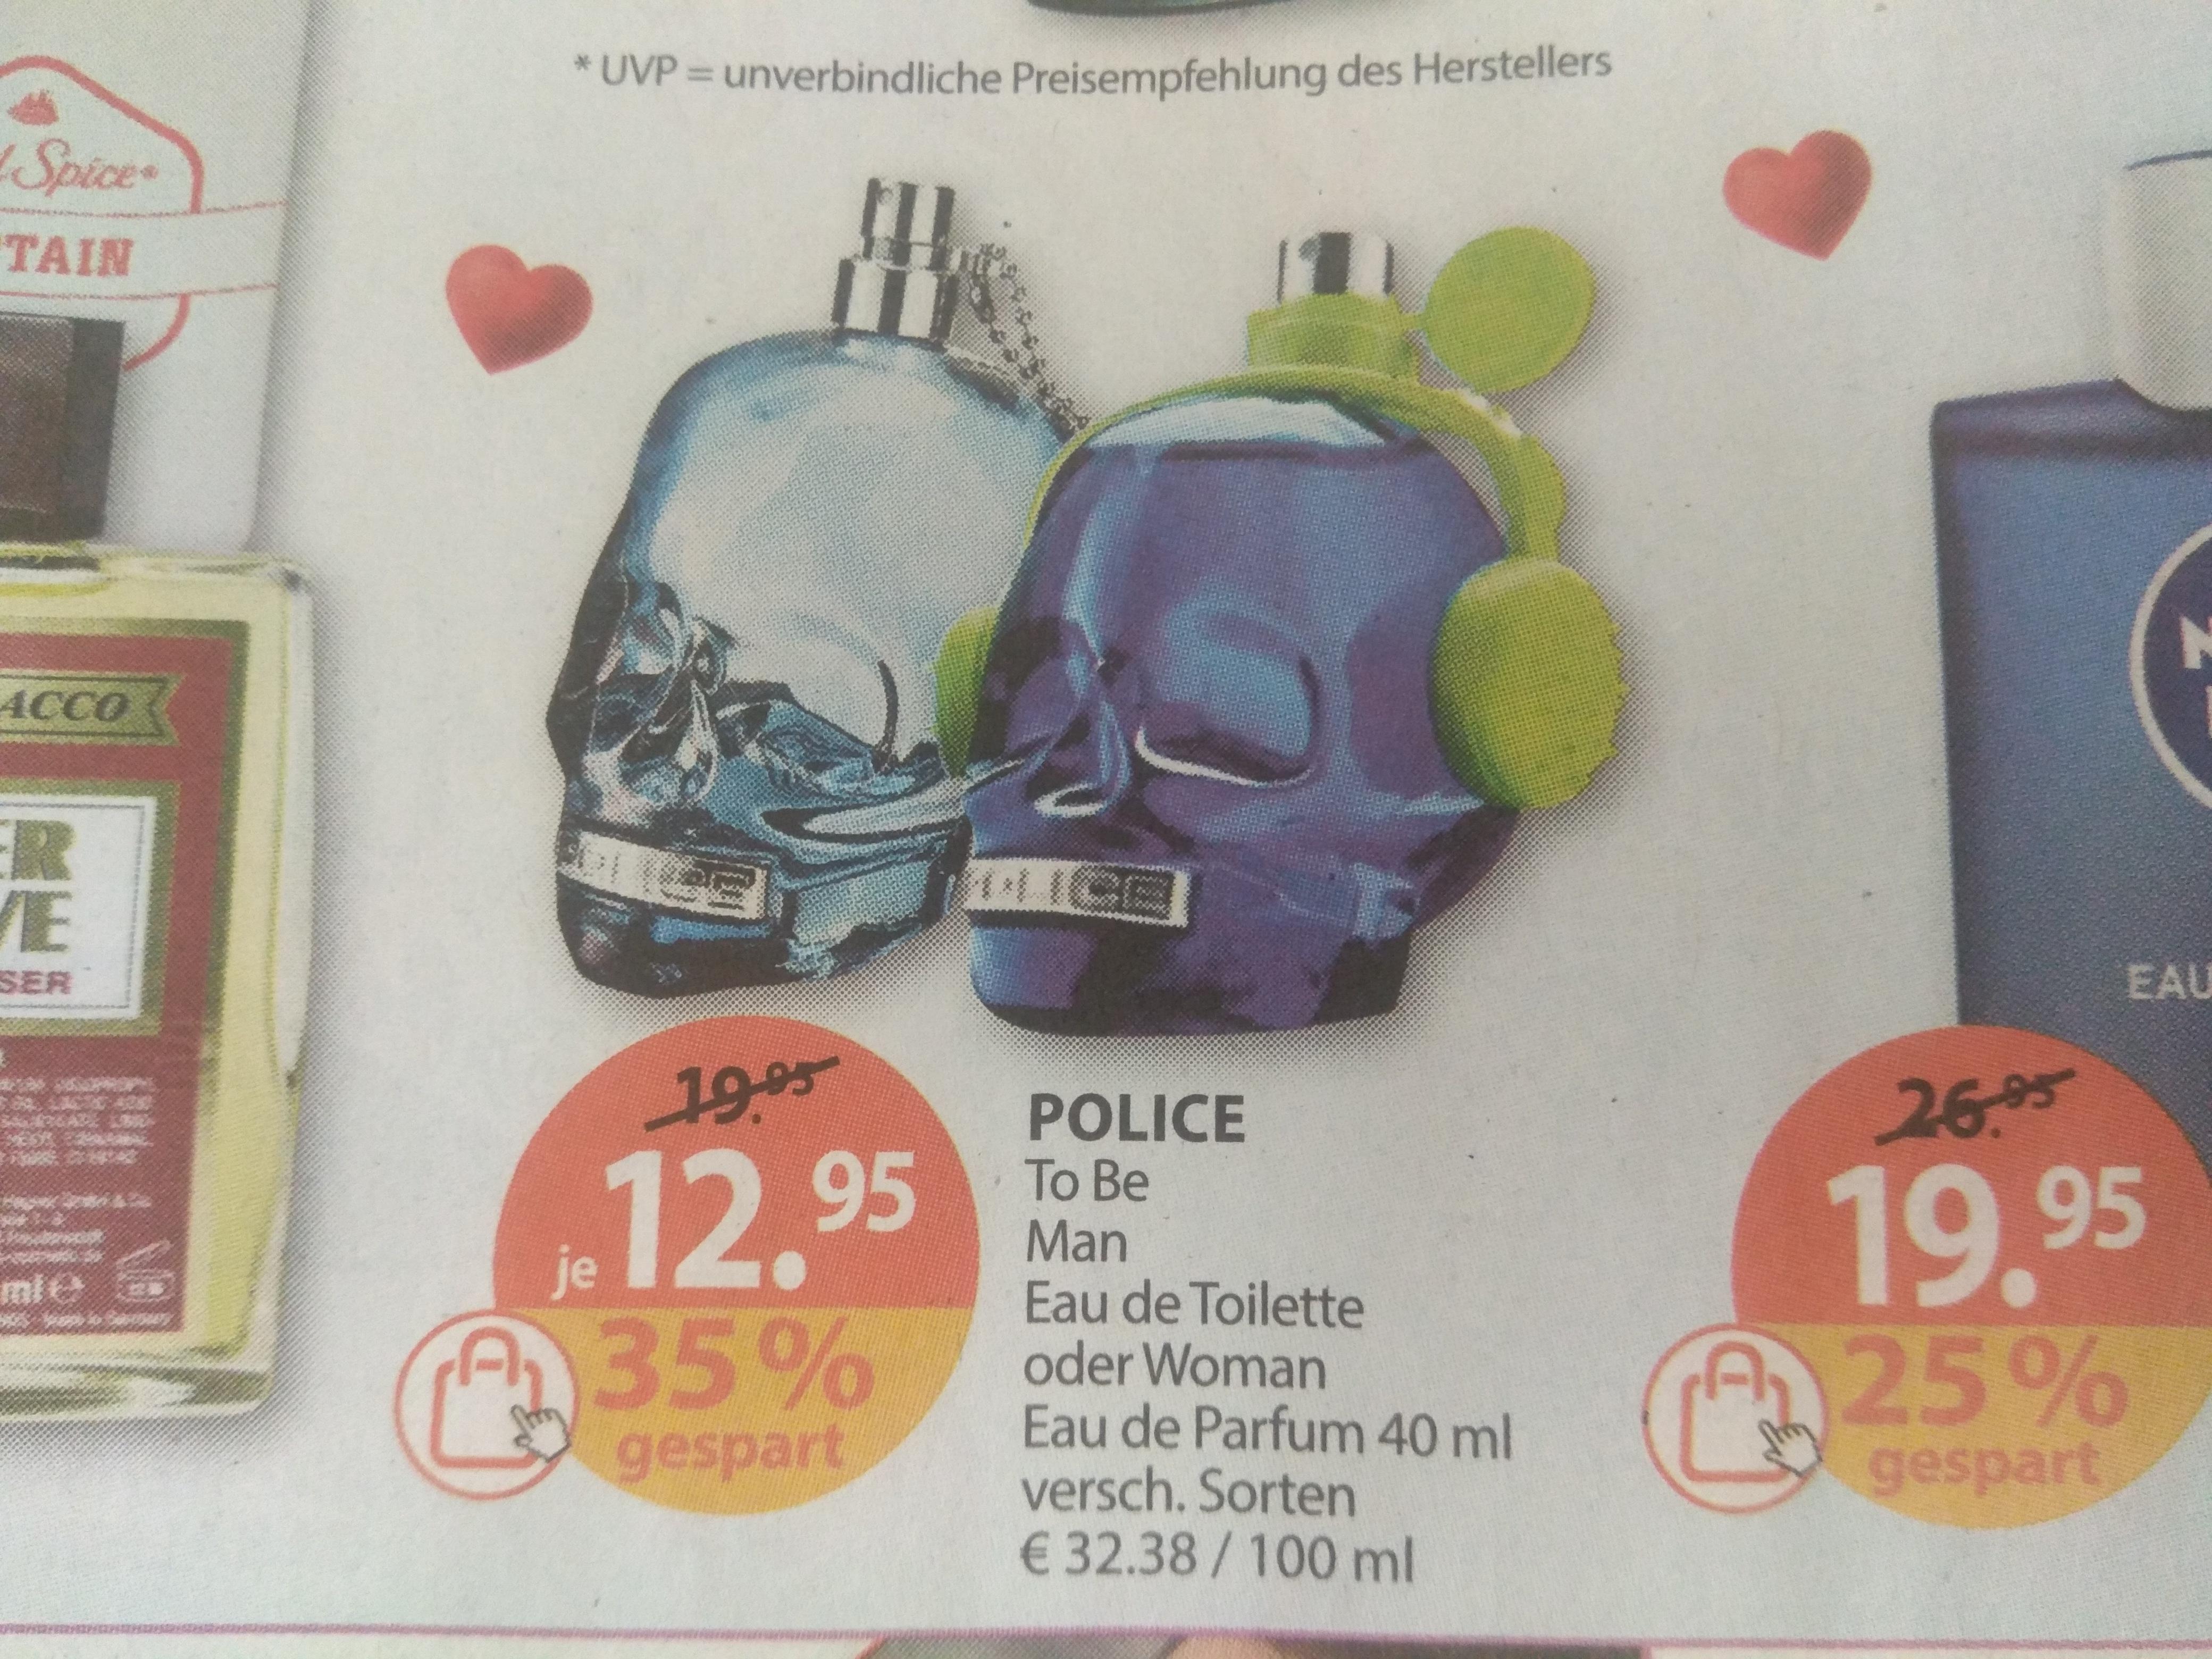 [Müller Drogeriemarkt] POLICE To Be Eau de Toilette oder Woman Eau de Parfum 40 ml versch. Sorten ( 20.-25.05.2019)